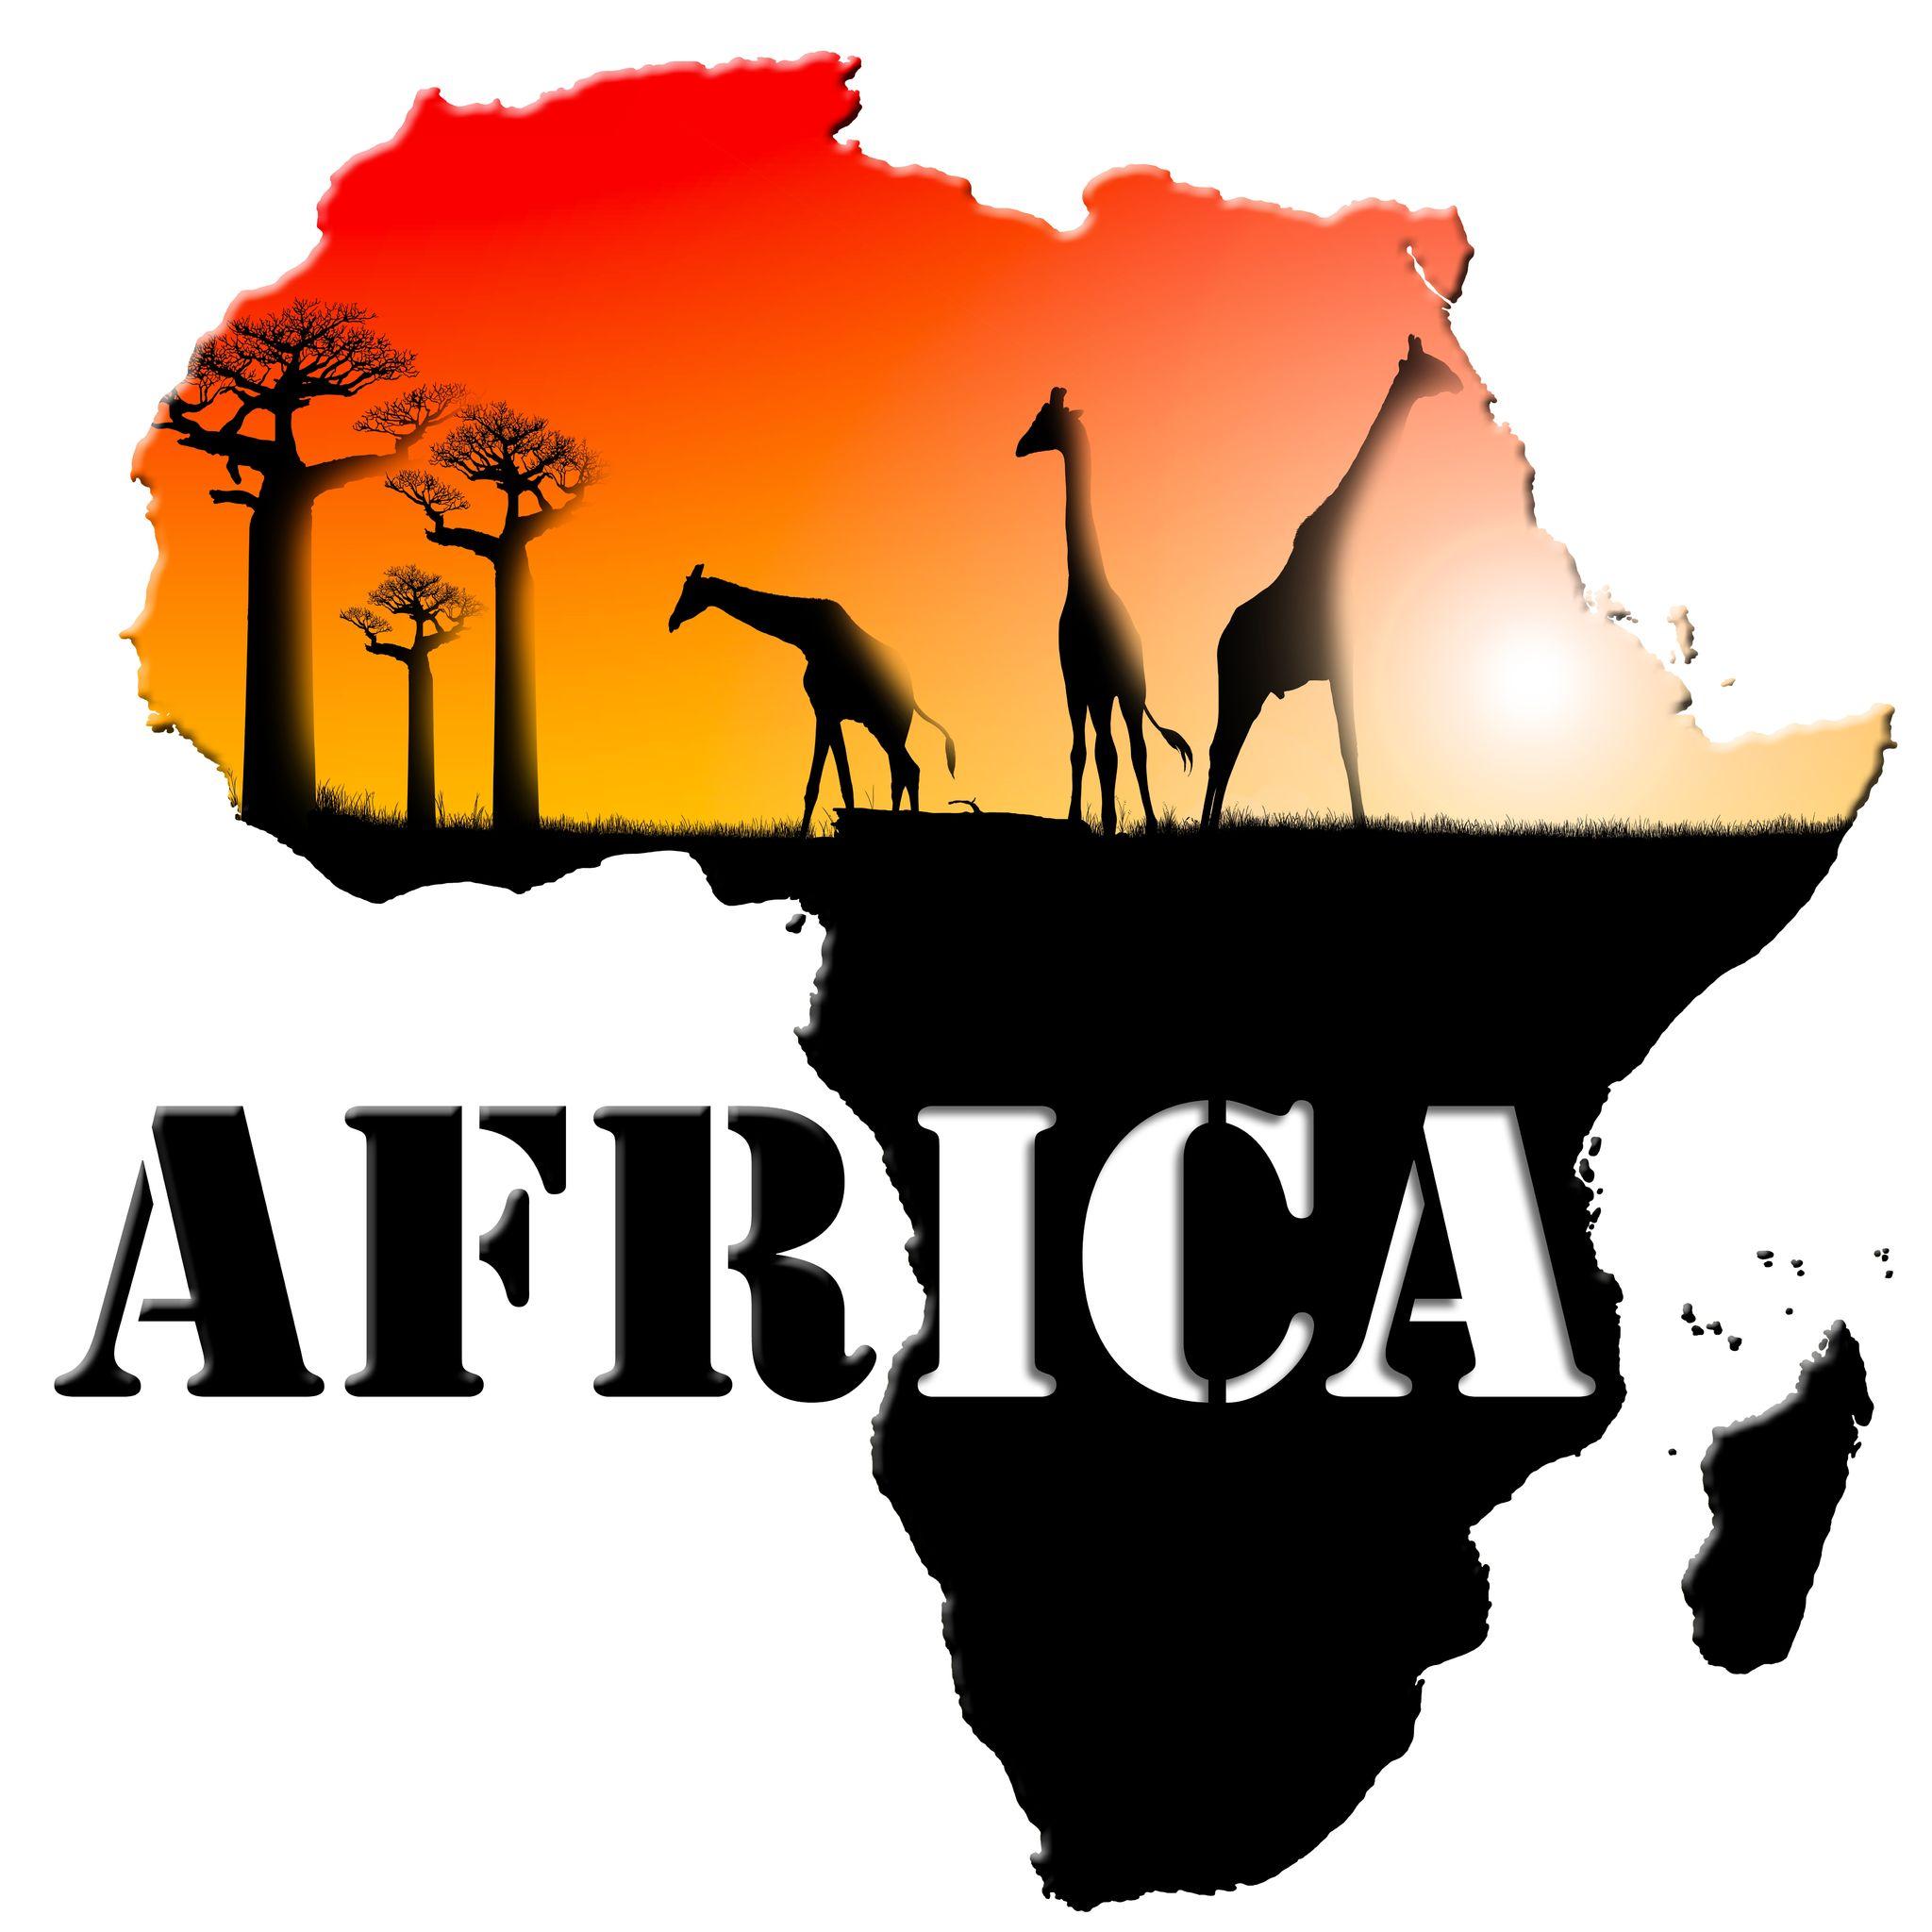 Картинка с надписью африка, для